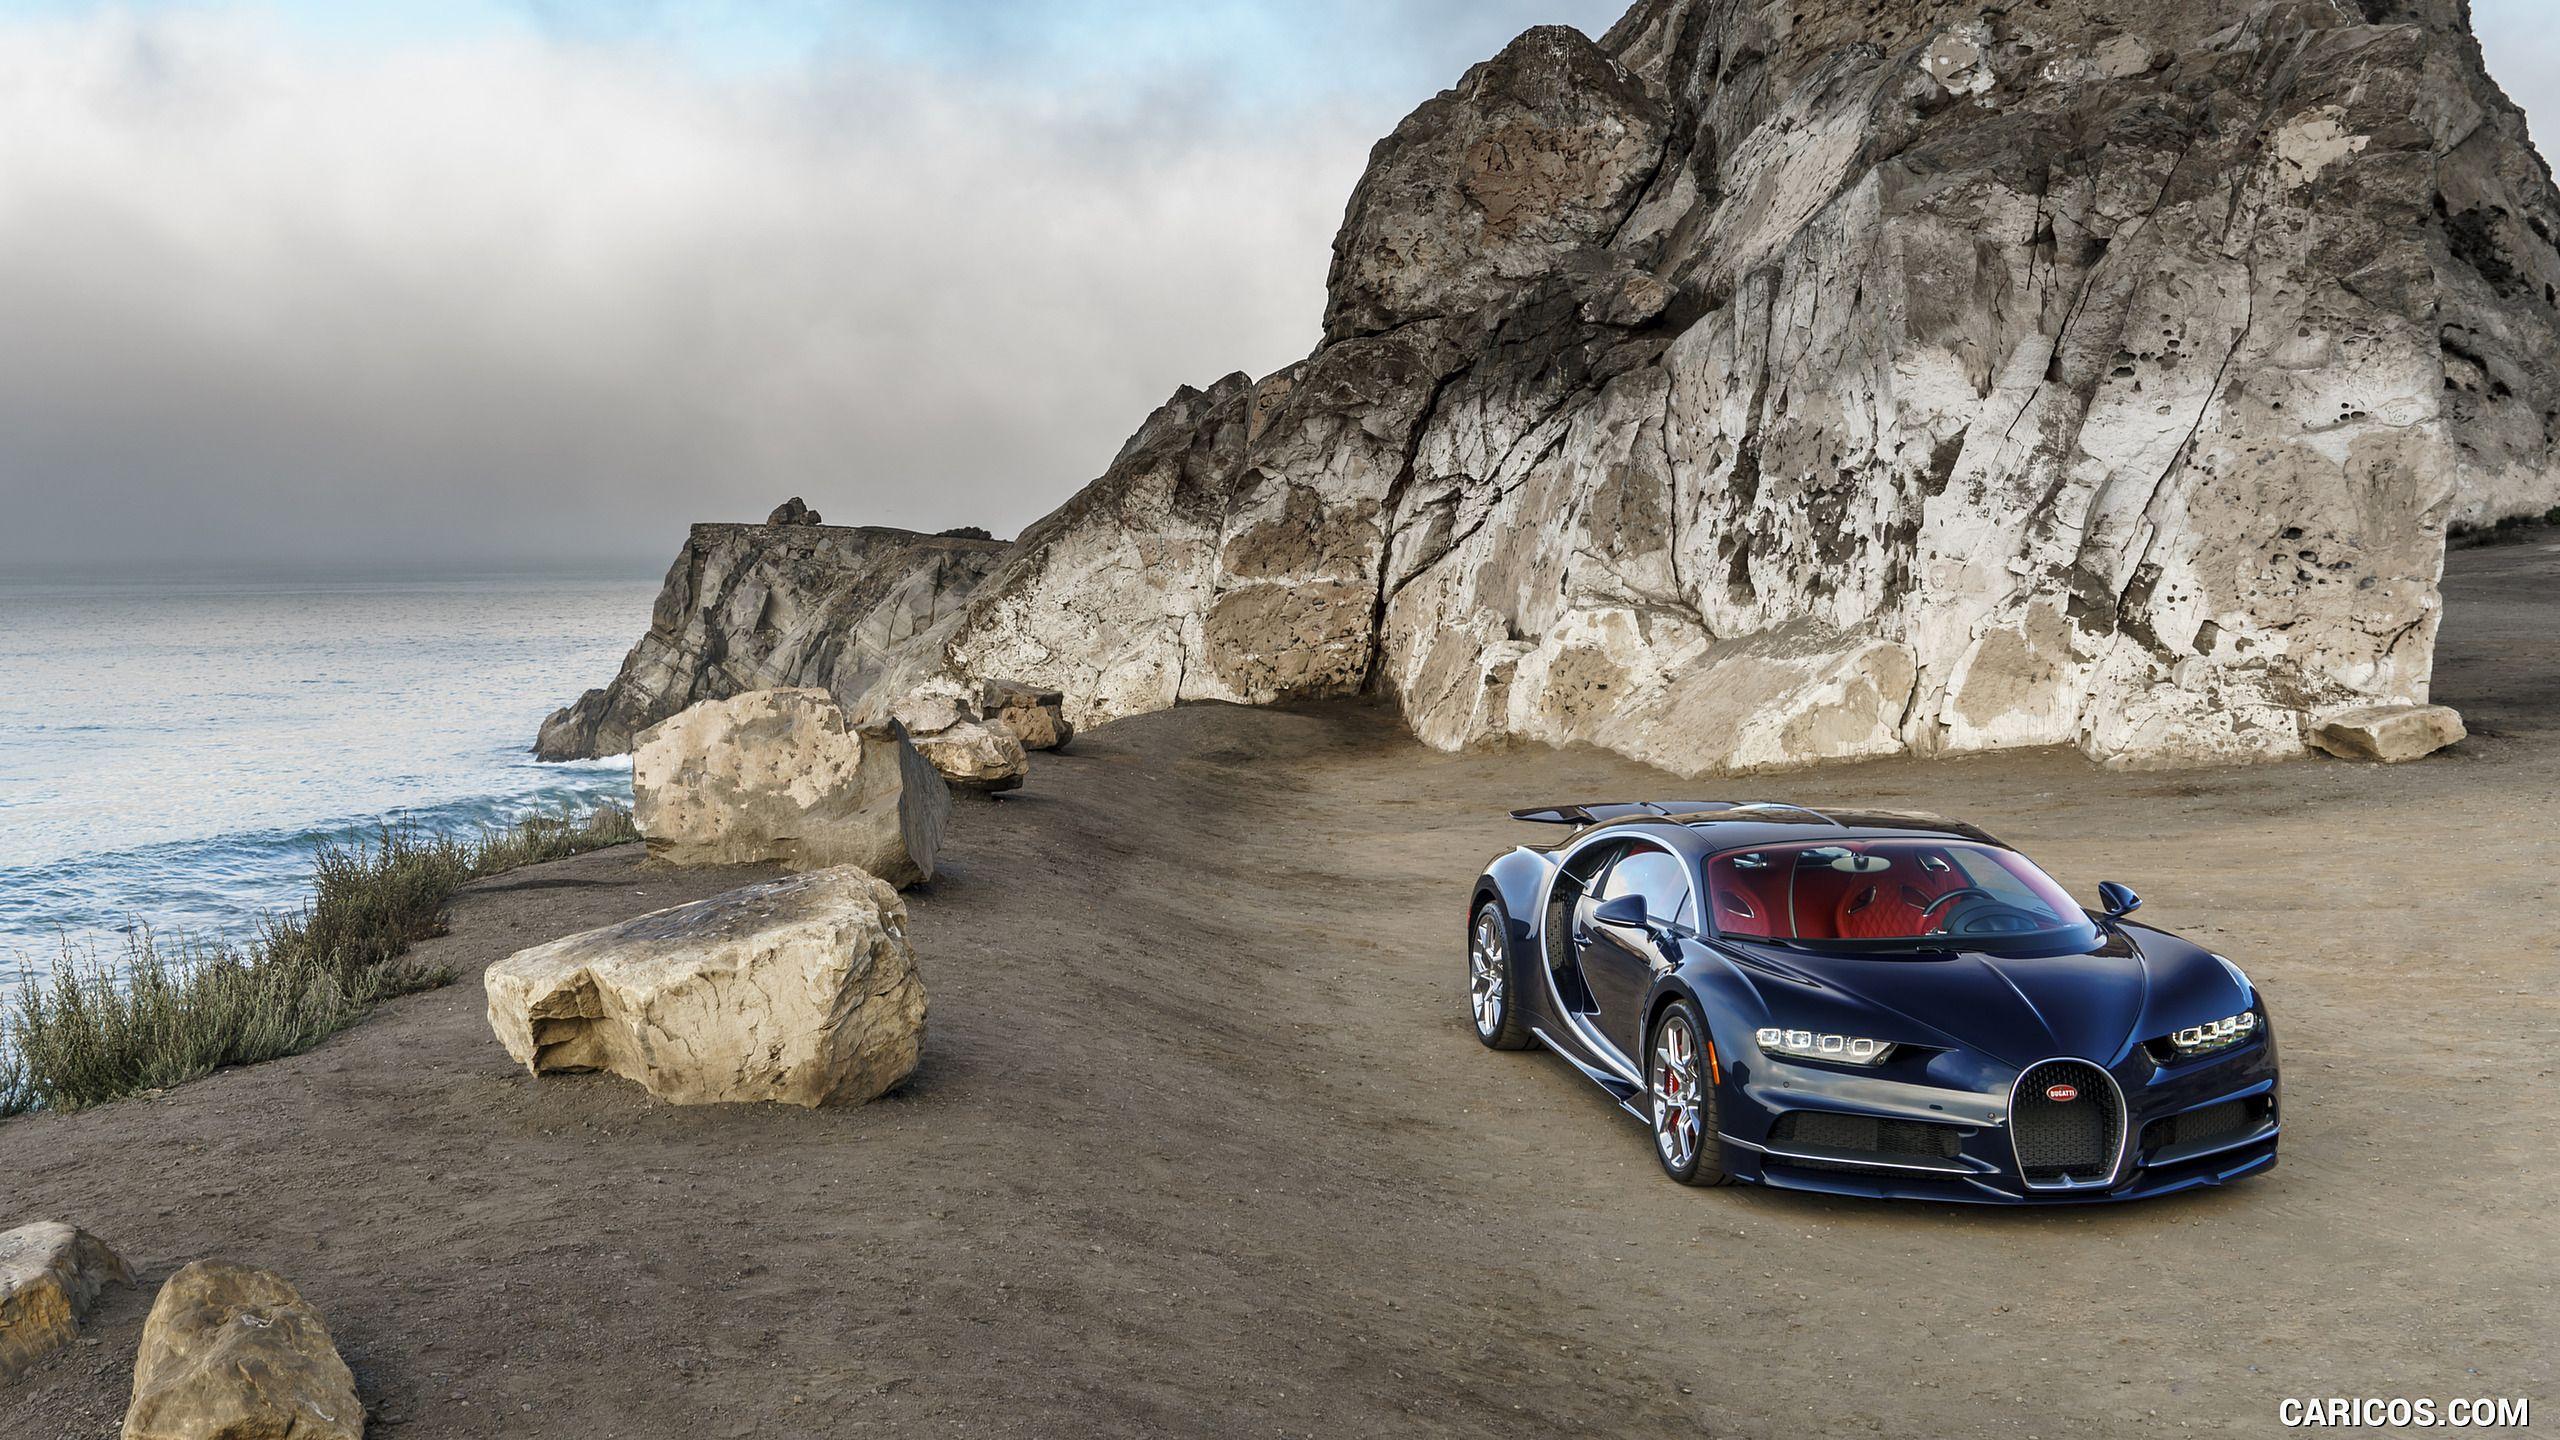 2017 Bugatti Chiron Wallpaper Super Cars Bugatti Bugatti Chiron